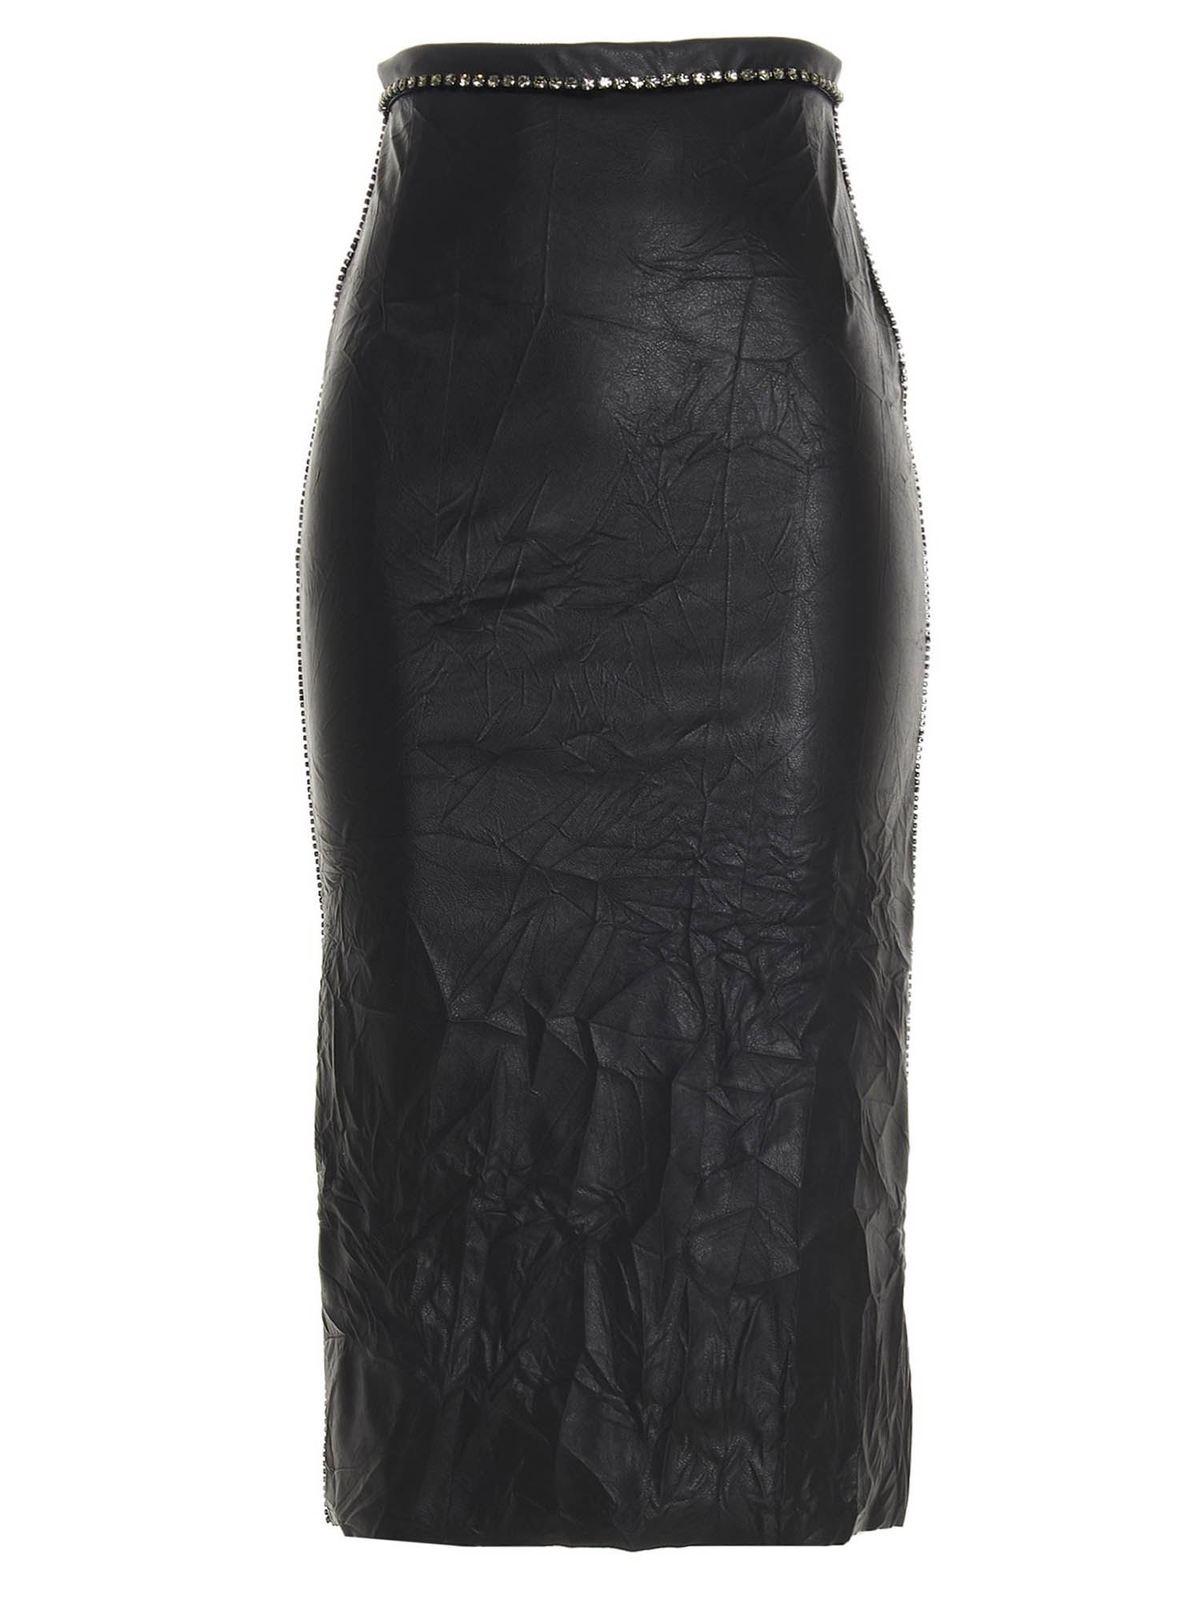 N°21 Skirts RHINESTONES CRACKLE PENCIL SKIRT IN BLACK